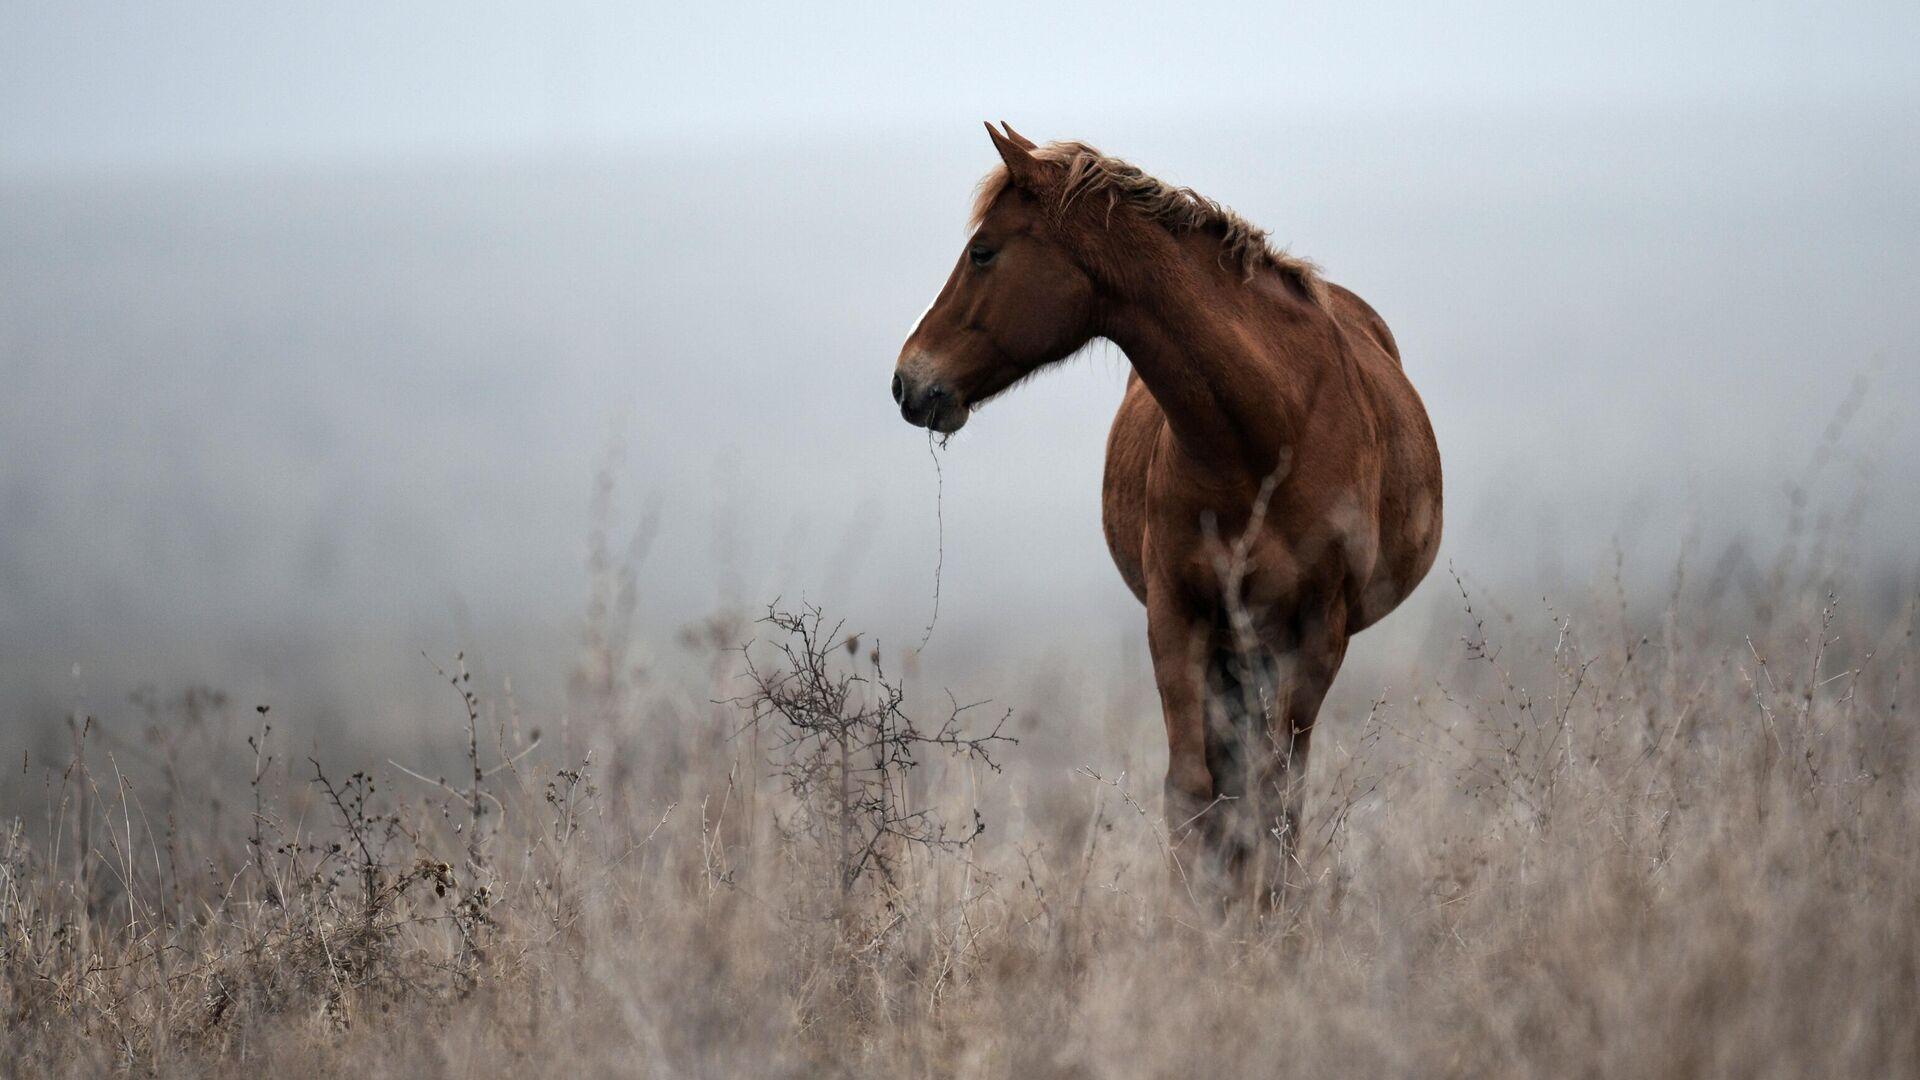 Лошадь пасется в Белогорском районе Крыма - РИА Новости, 1920, 13.09.2021